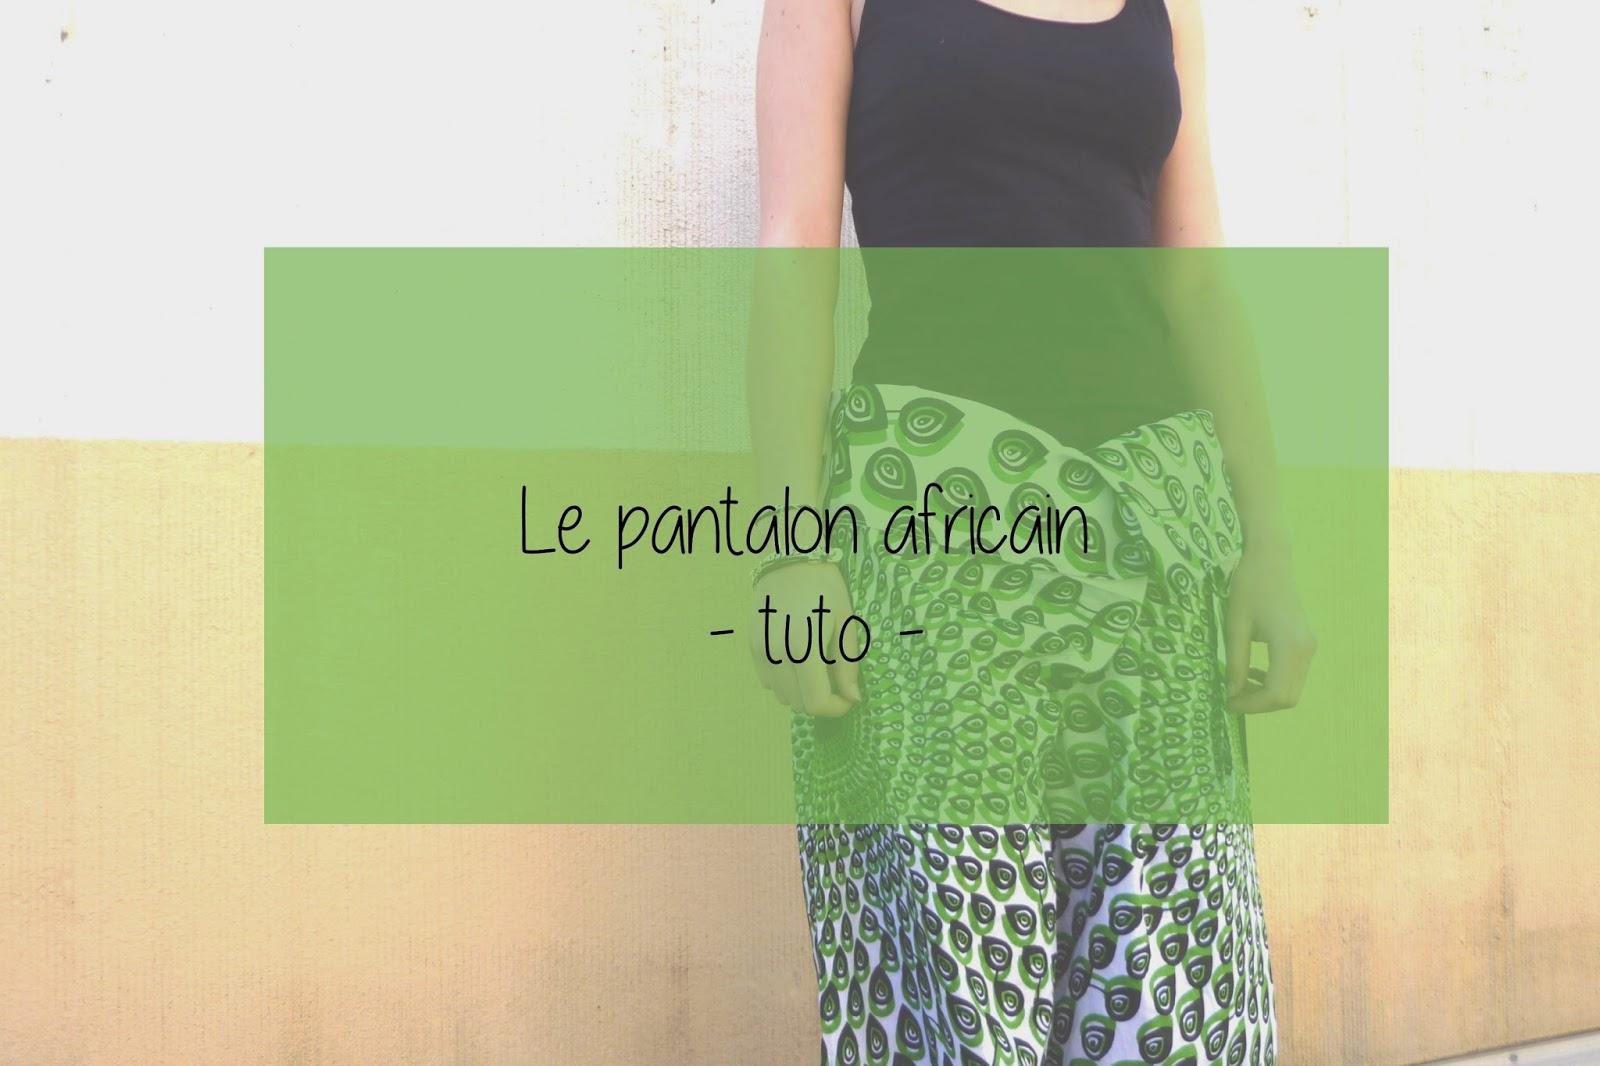 S Le Pantalon Par Tuto 6 Africain Bleu Viviane 0Sq5UTxw